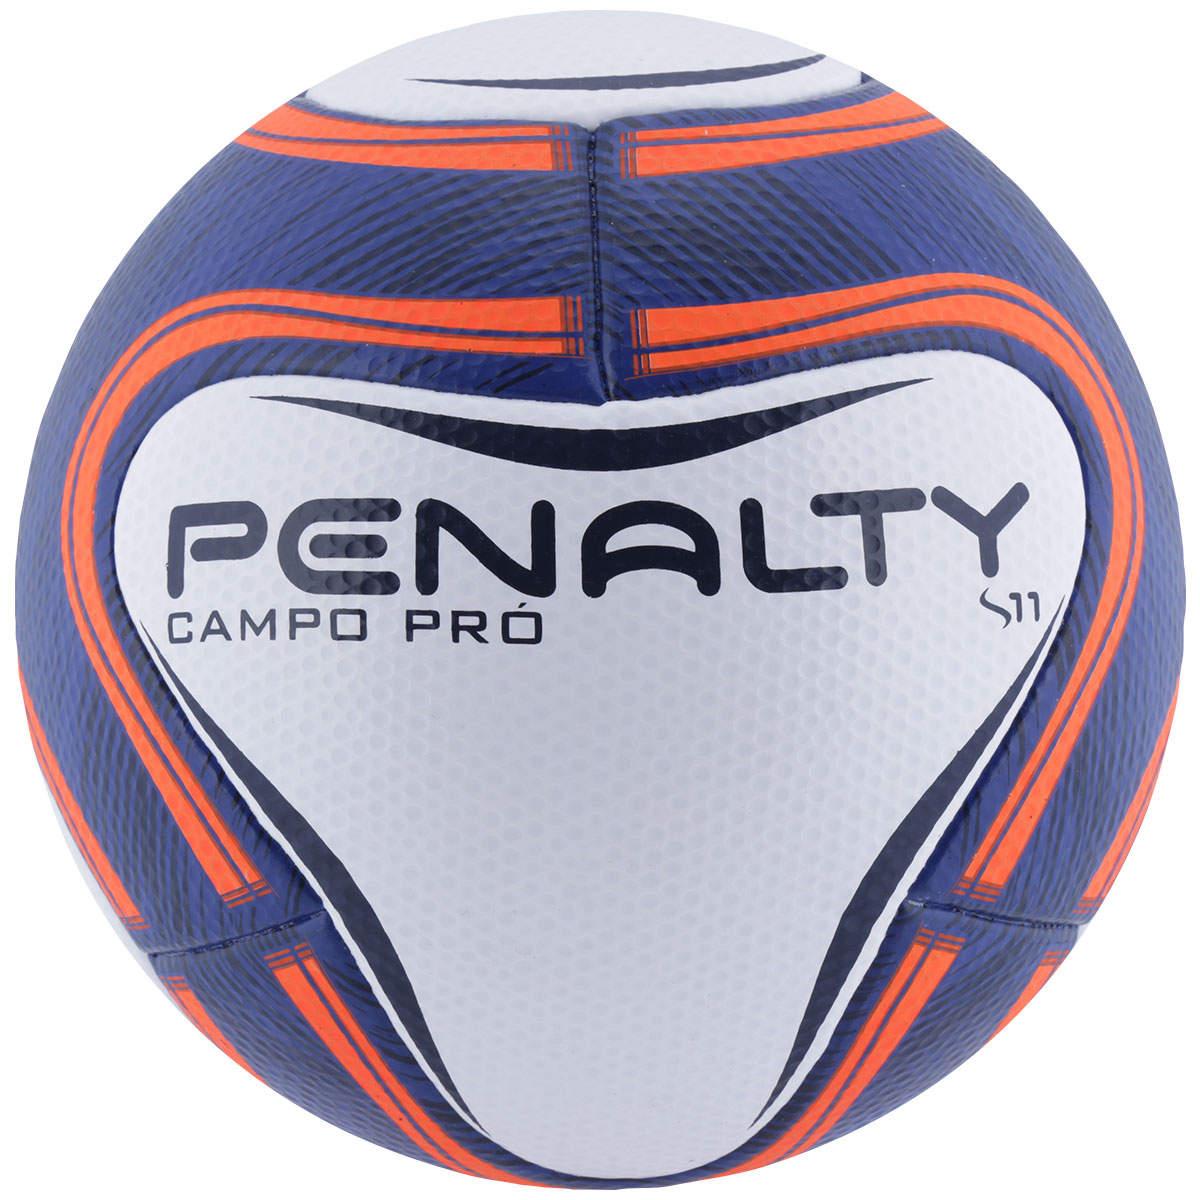 213aa0080e368 Bola Campo Penalty S11 Pro 6 Campeonatos Estaduais - Energia Esportes